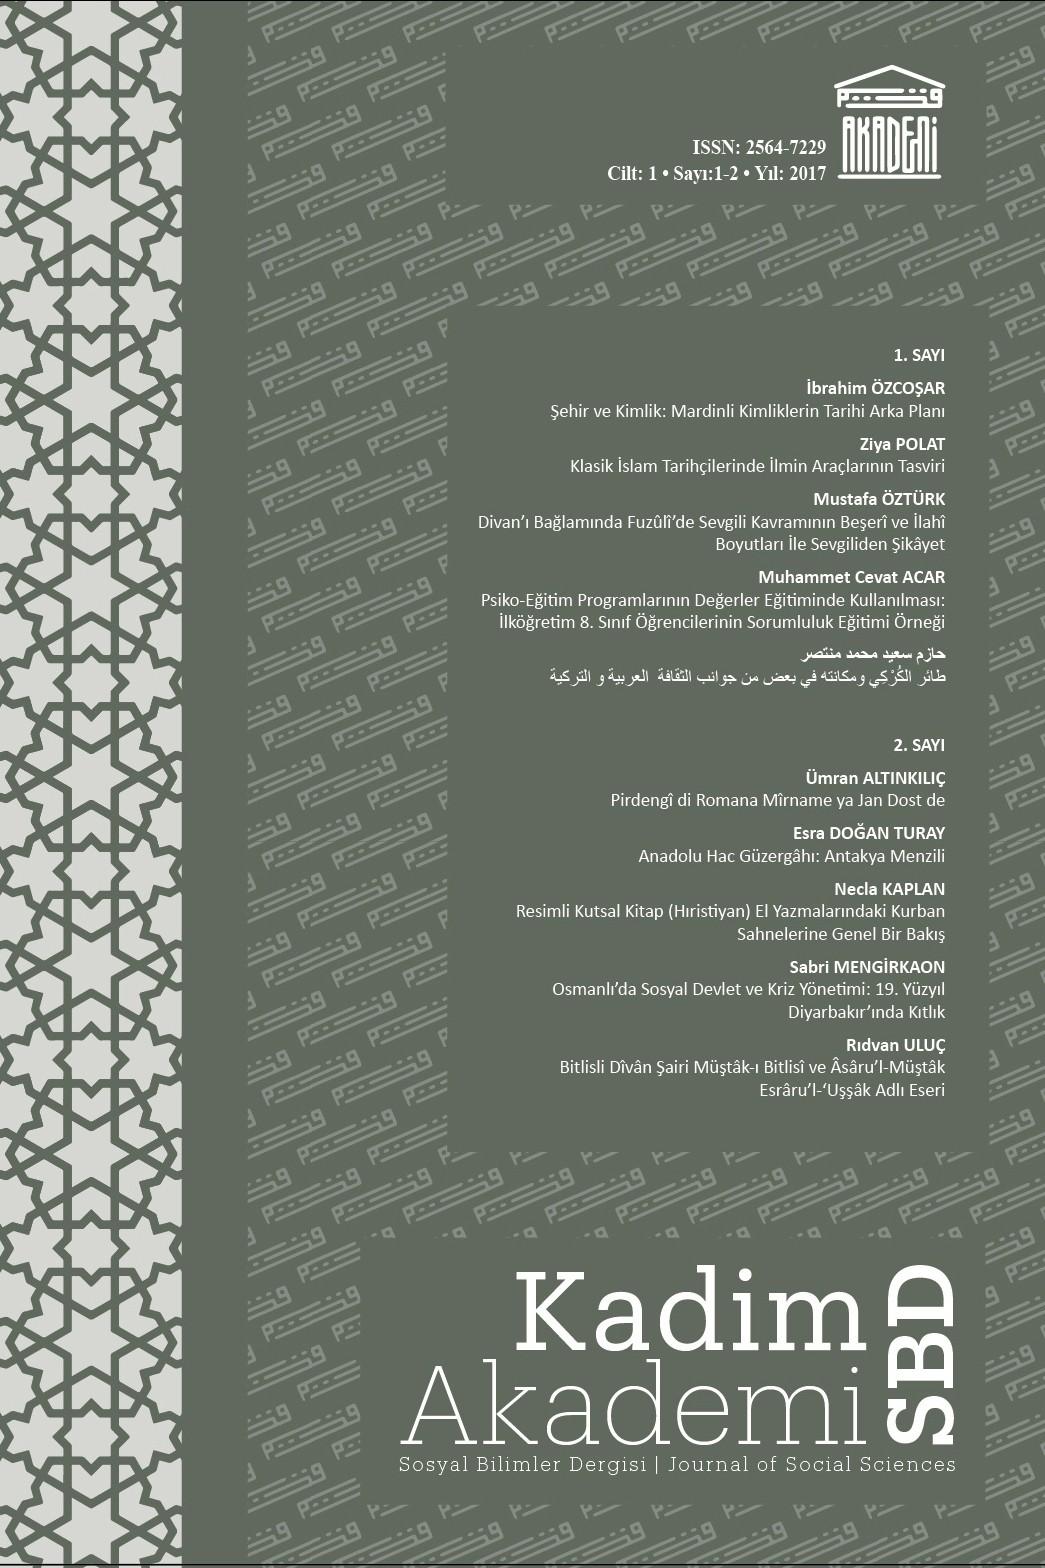 Kadim Akademi Sosyal Bilimler Dergisi